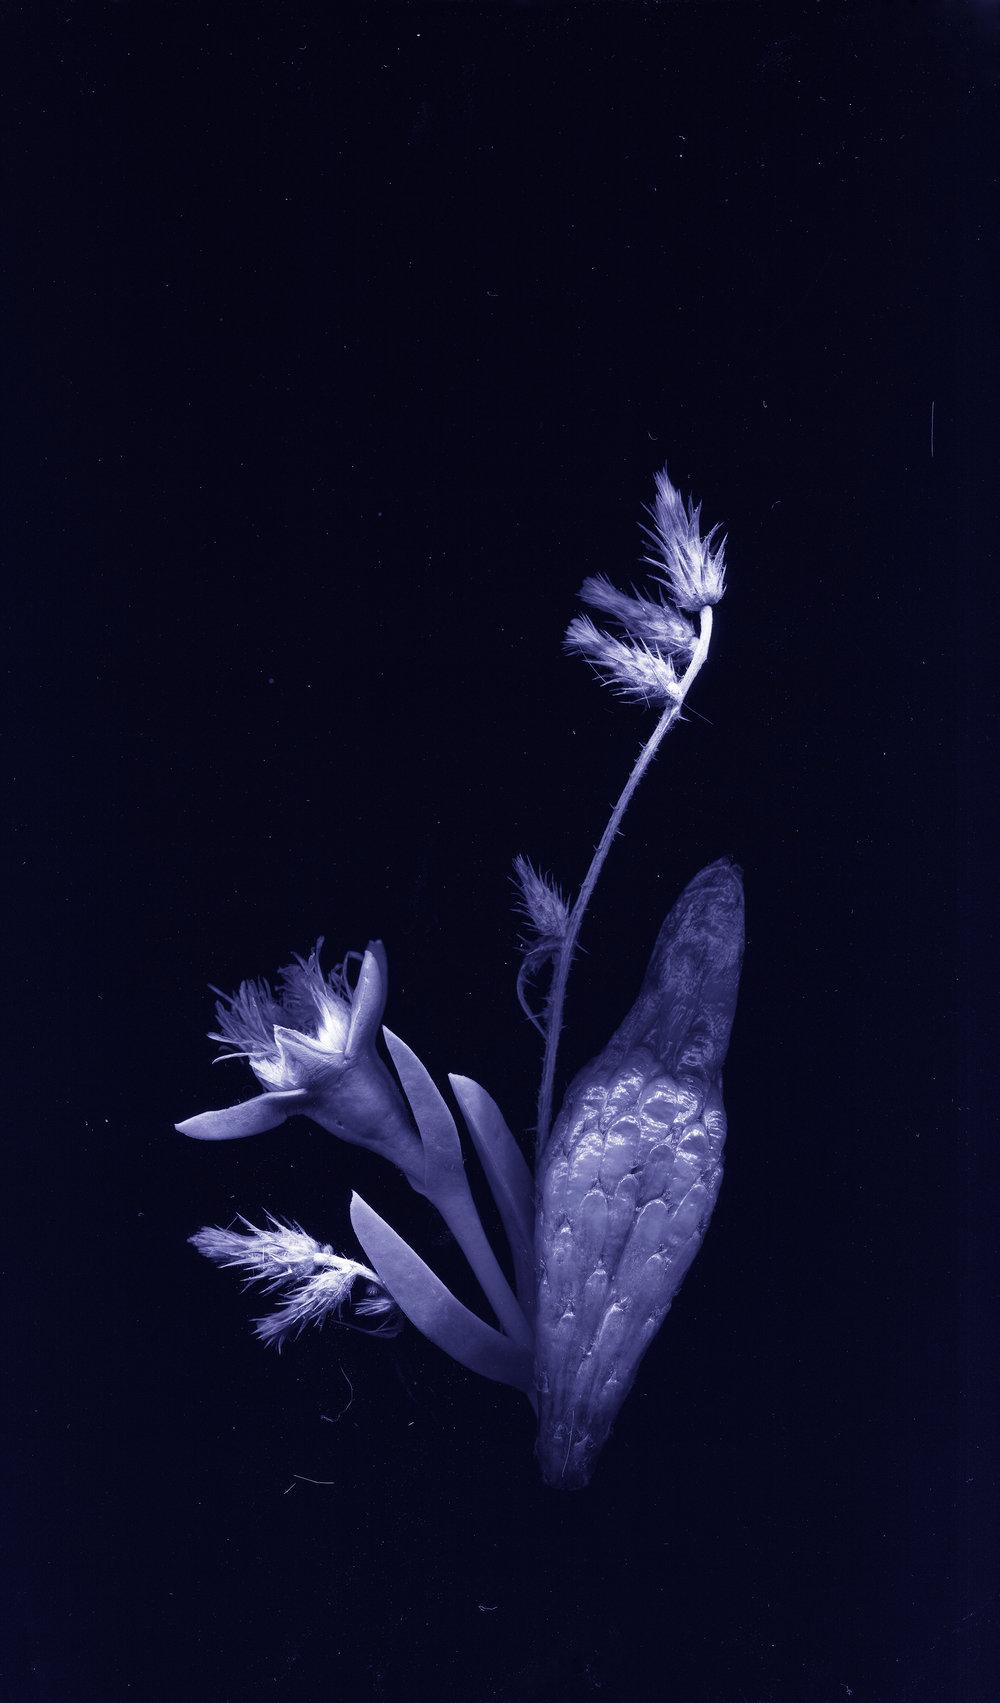 WeiXin Chong | flores nativias .2, 2017